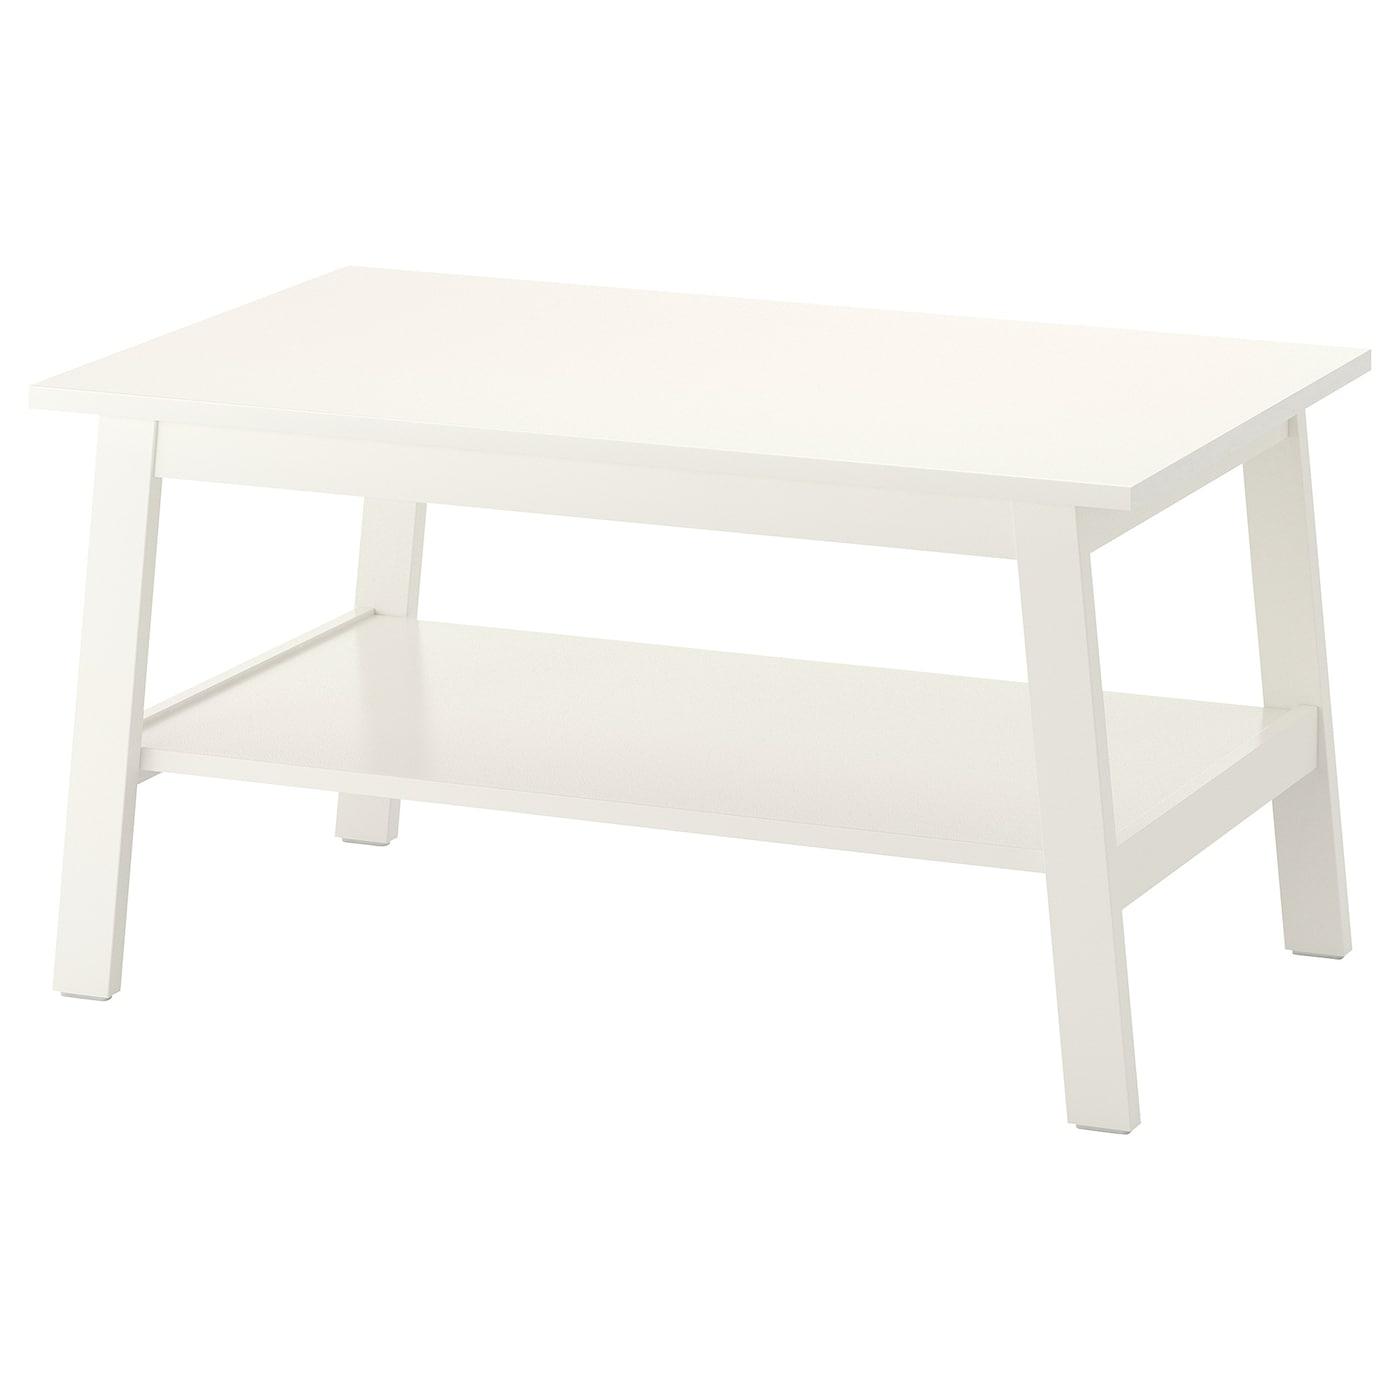 IKEA LUNNARP biały stolik kawowy, 90x55 cm